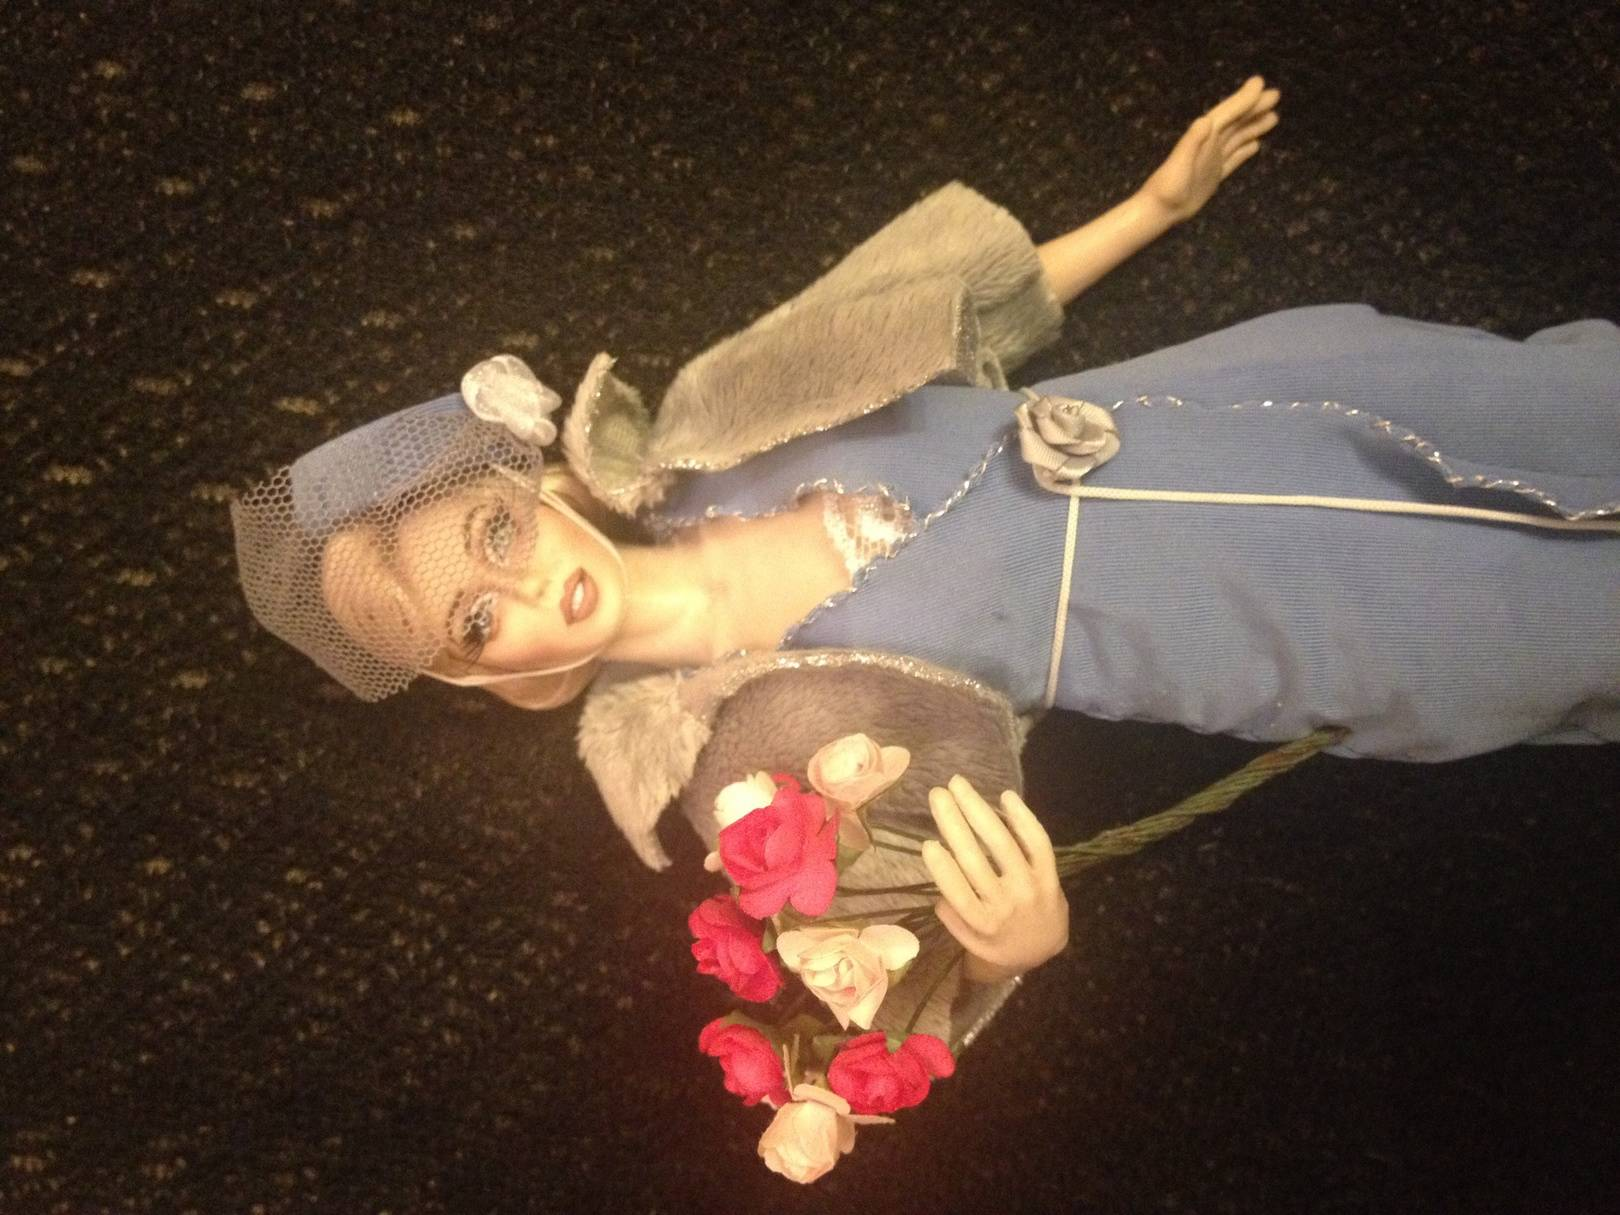 Art silicone dolls by Denis Pillshikov